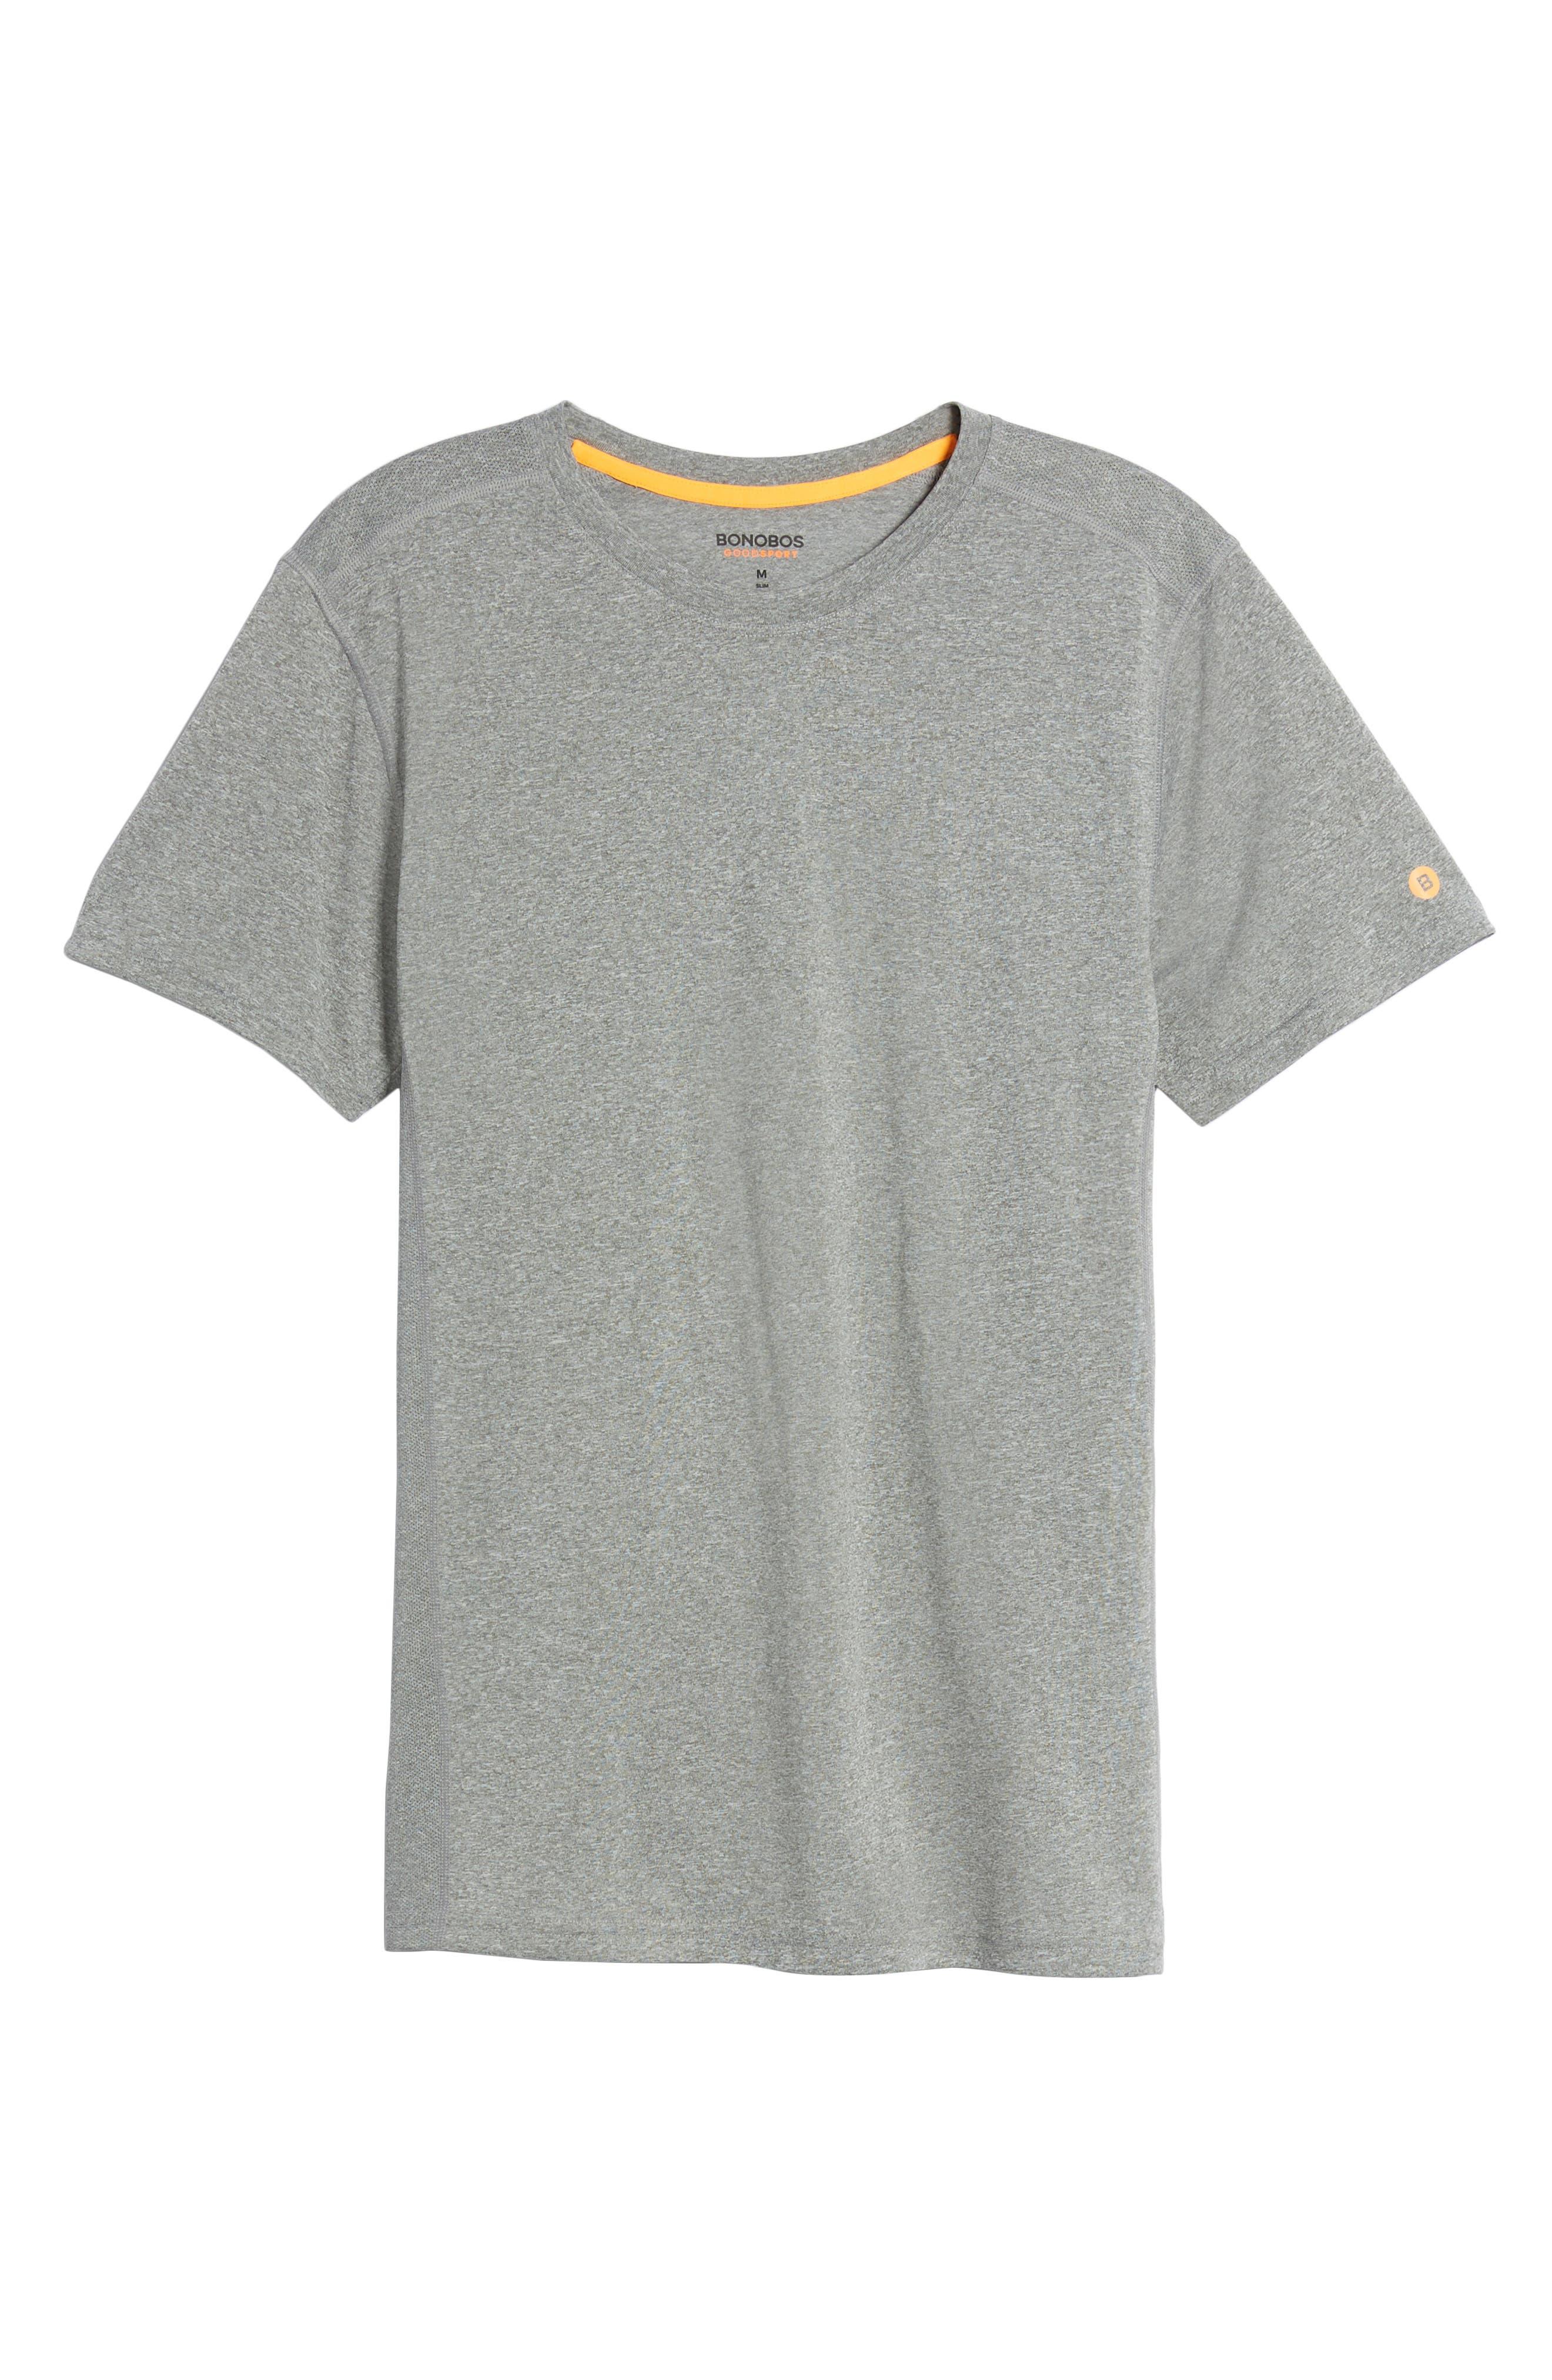 Goodsport Mesh Panel T-Shirt,                             Alternate thumbnail 33, color,